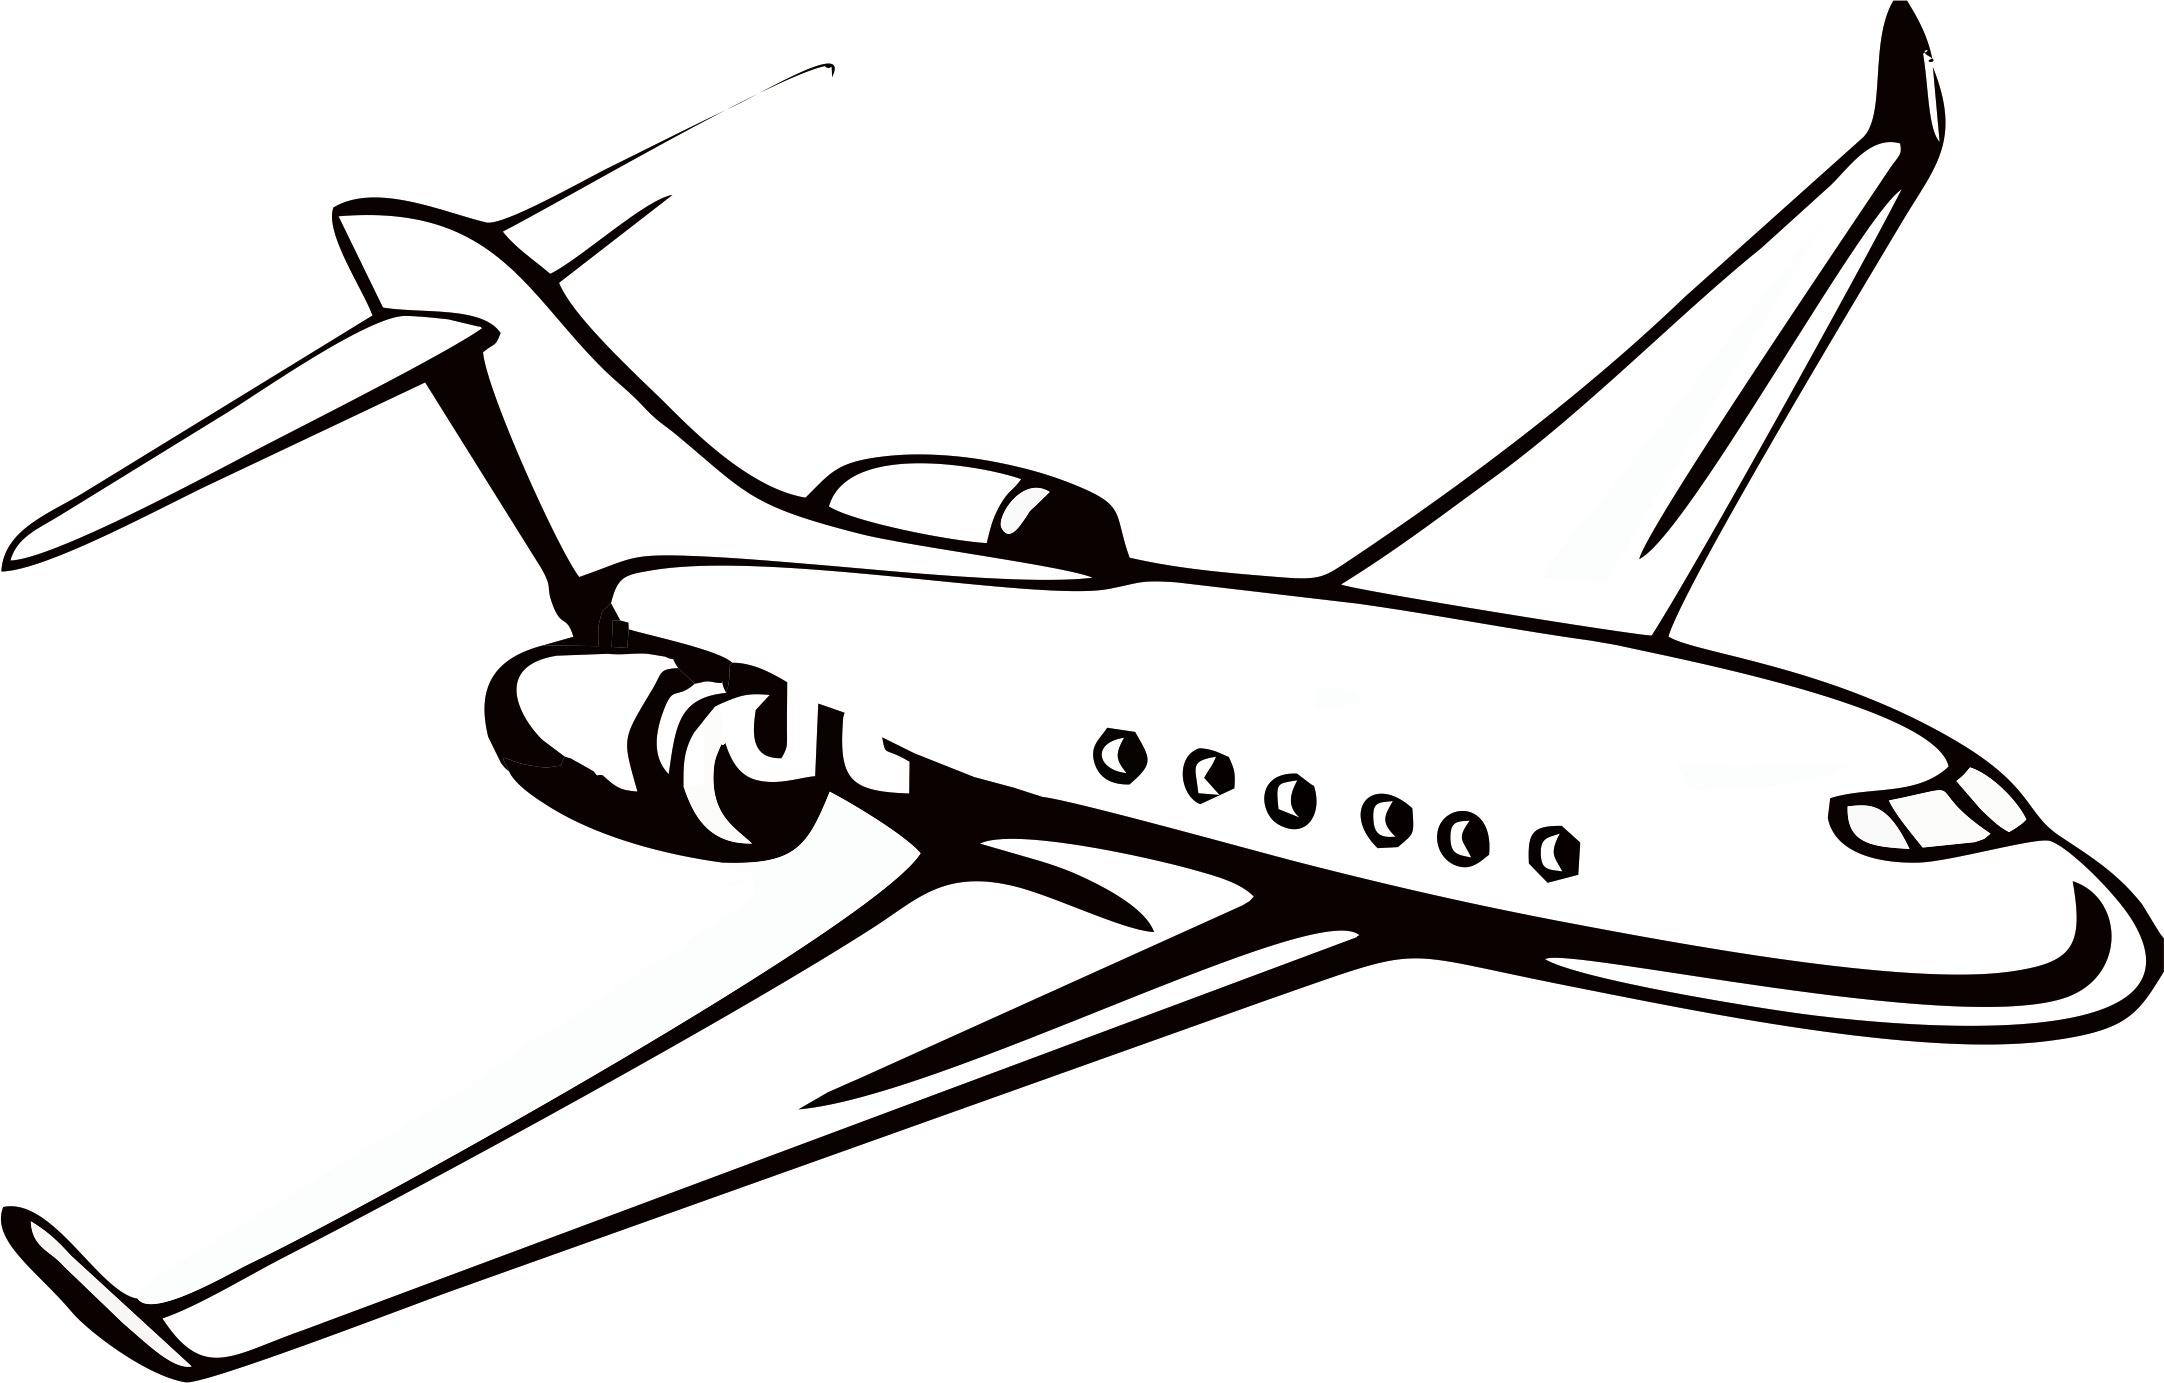 画飞机简笔画图片大全 纸飞机简笔画图片大全 飞机简笔画图片大全